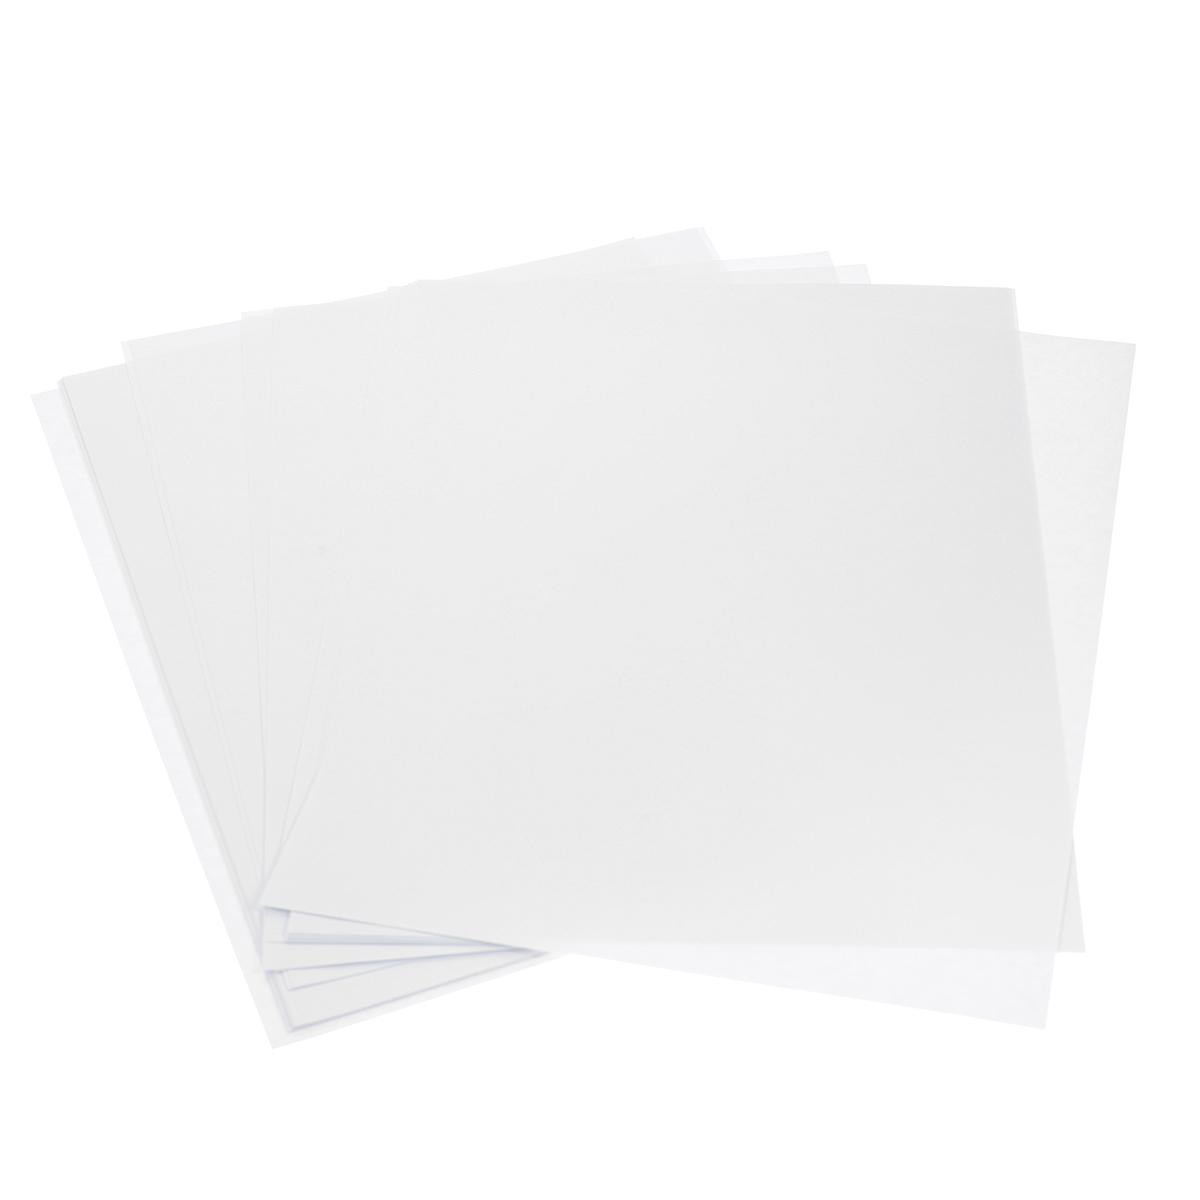 Бумага для акварели Альт предназначена для использования профессиональными художниками, дизайнерами, иллюстраторами. Высококачественная бумага, специально разработанная для письма акварелью.  Бумага соответствует всем стандартам качества и имеет плотность 160 г/кв м.